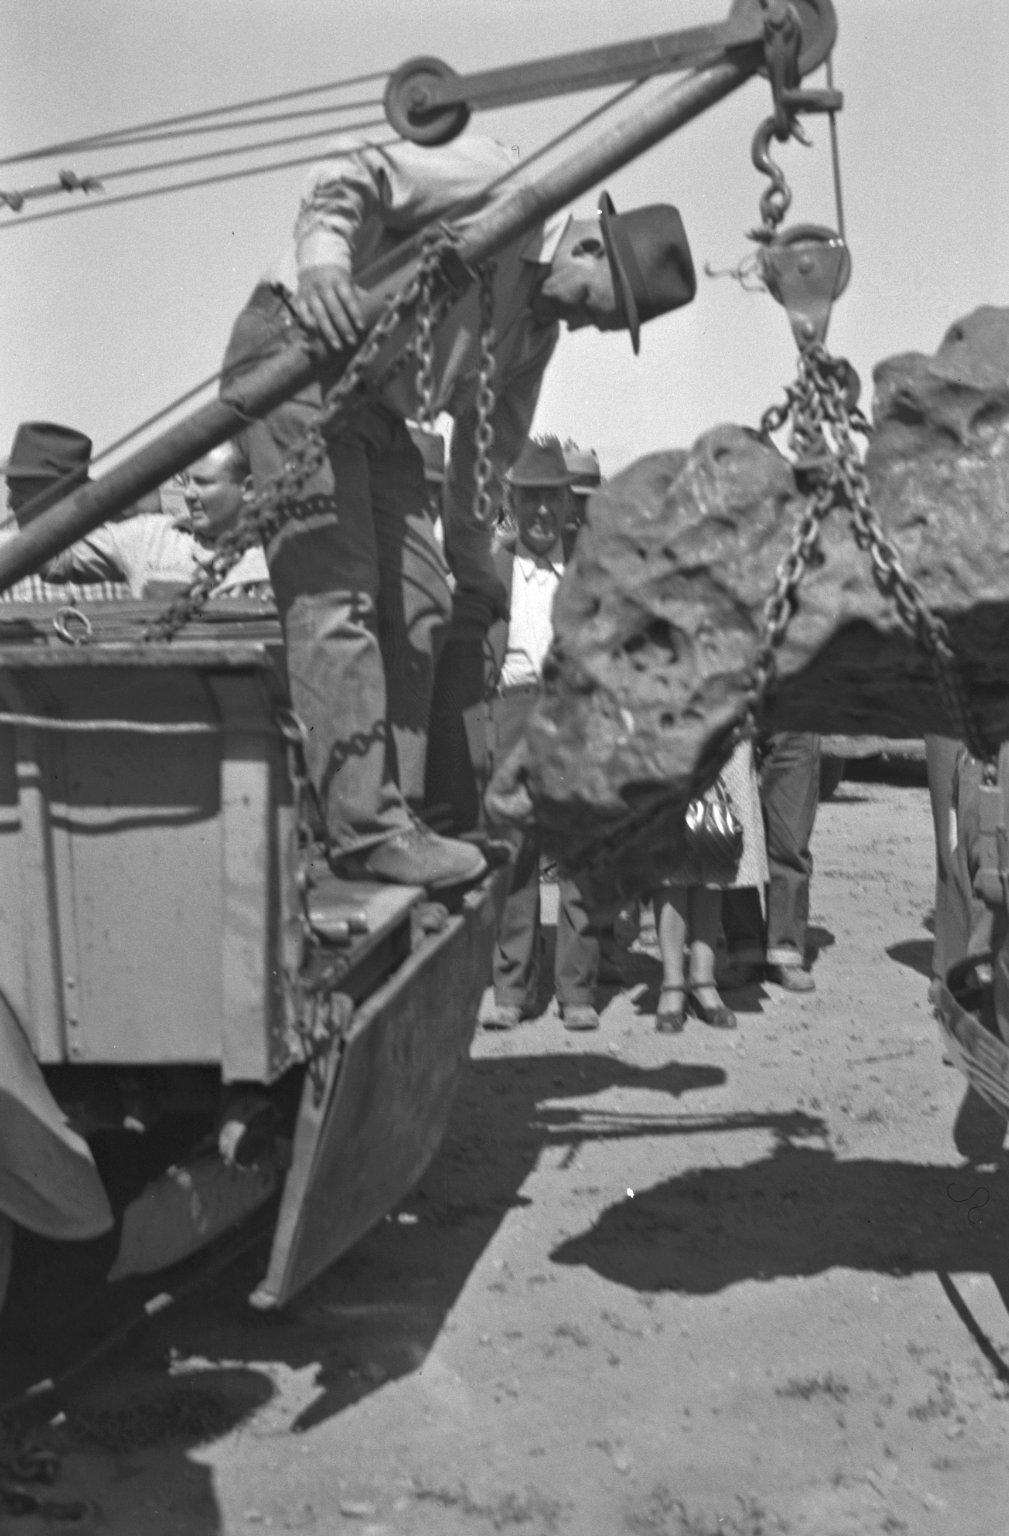 Specimen being loaded for transport